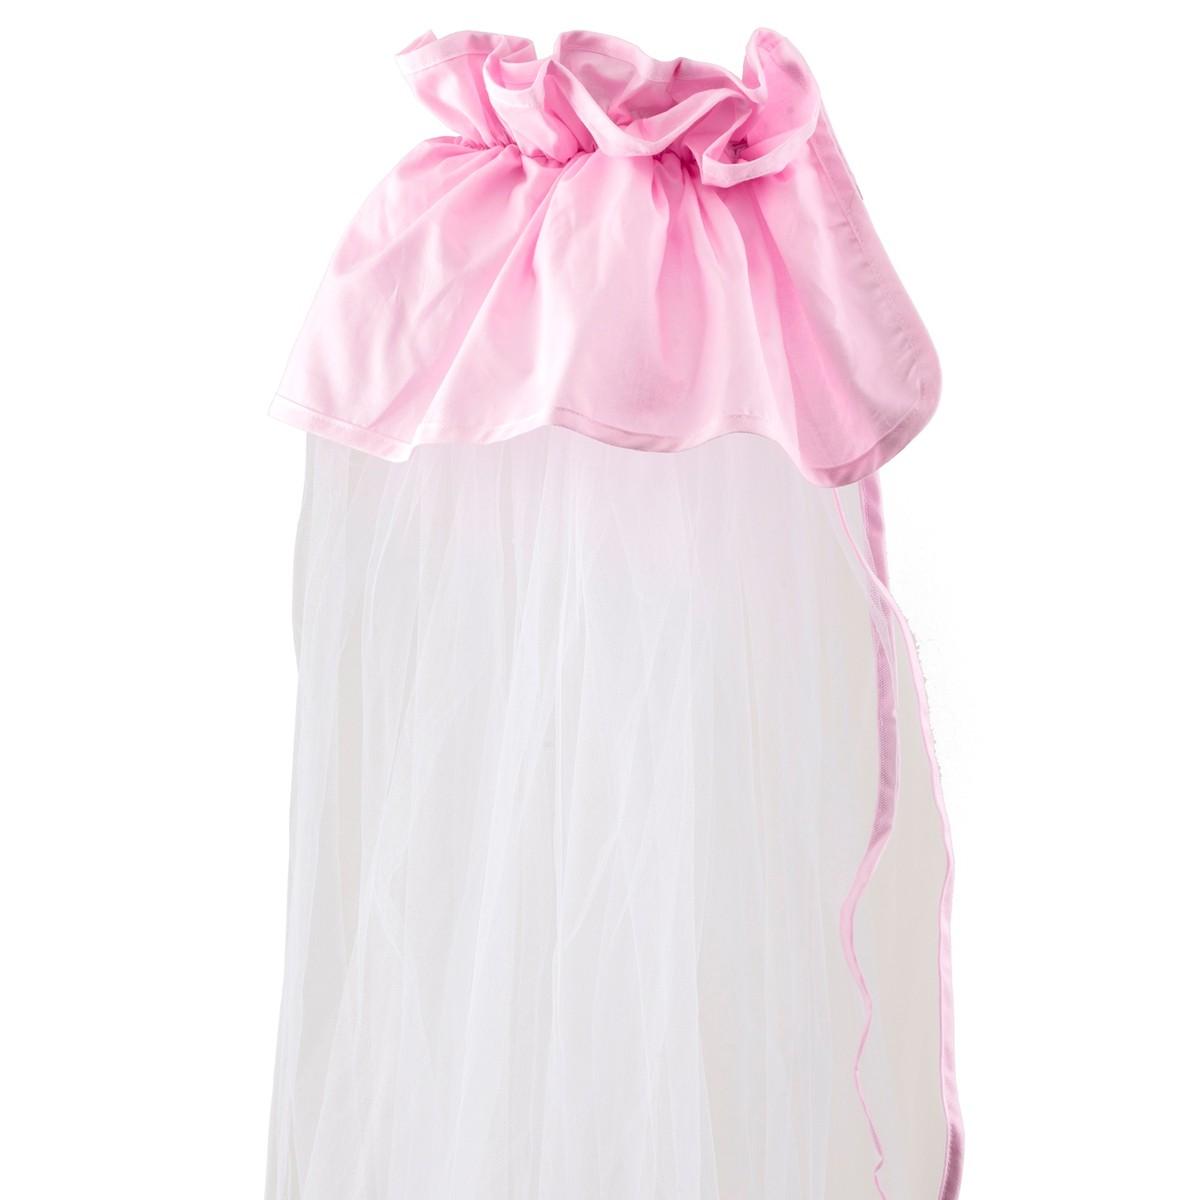 Κουνουπιέρα Κούνιας Κόσμος Του Μωρού 0772 Μονόχρωμη Ροζ home   βρεφικά   κουνουπιέρες